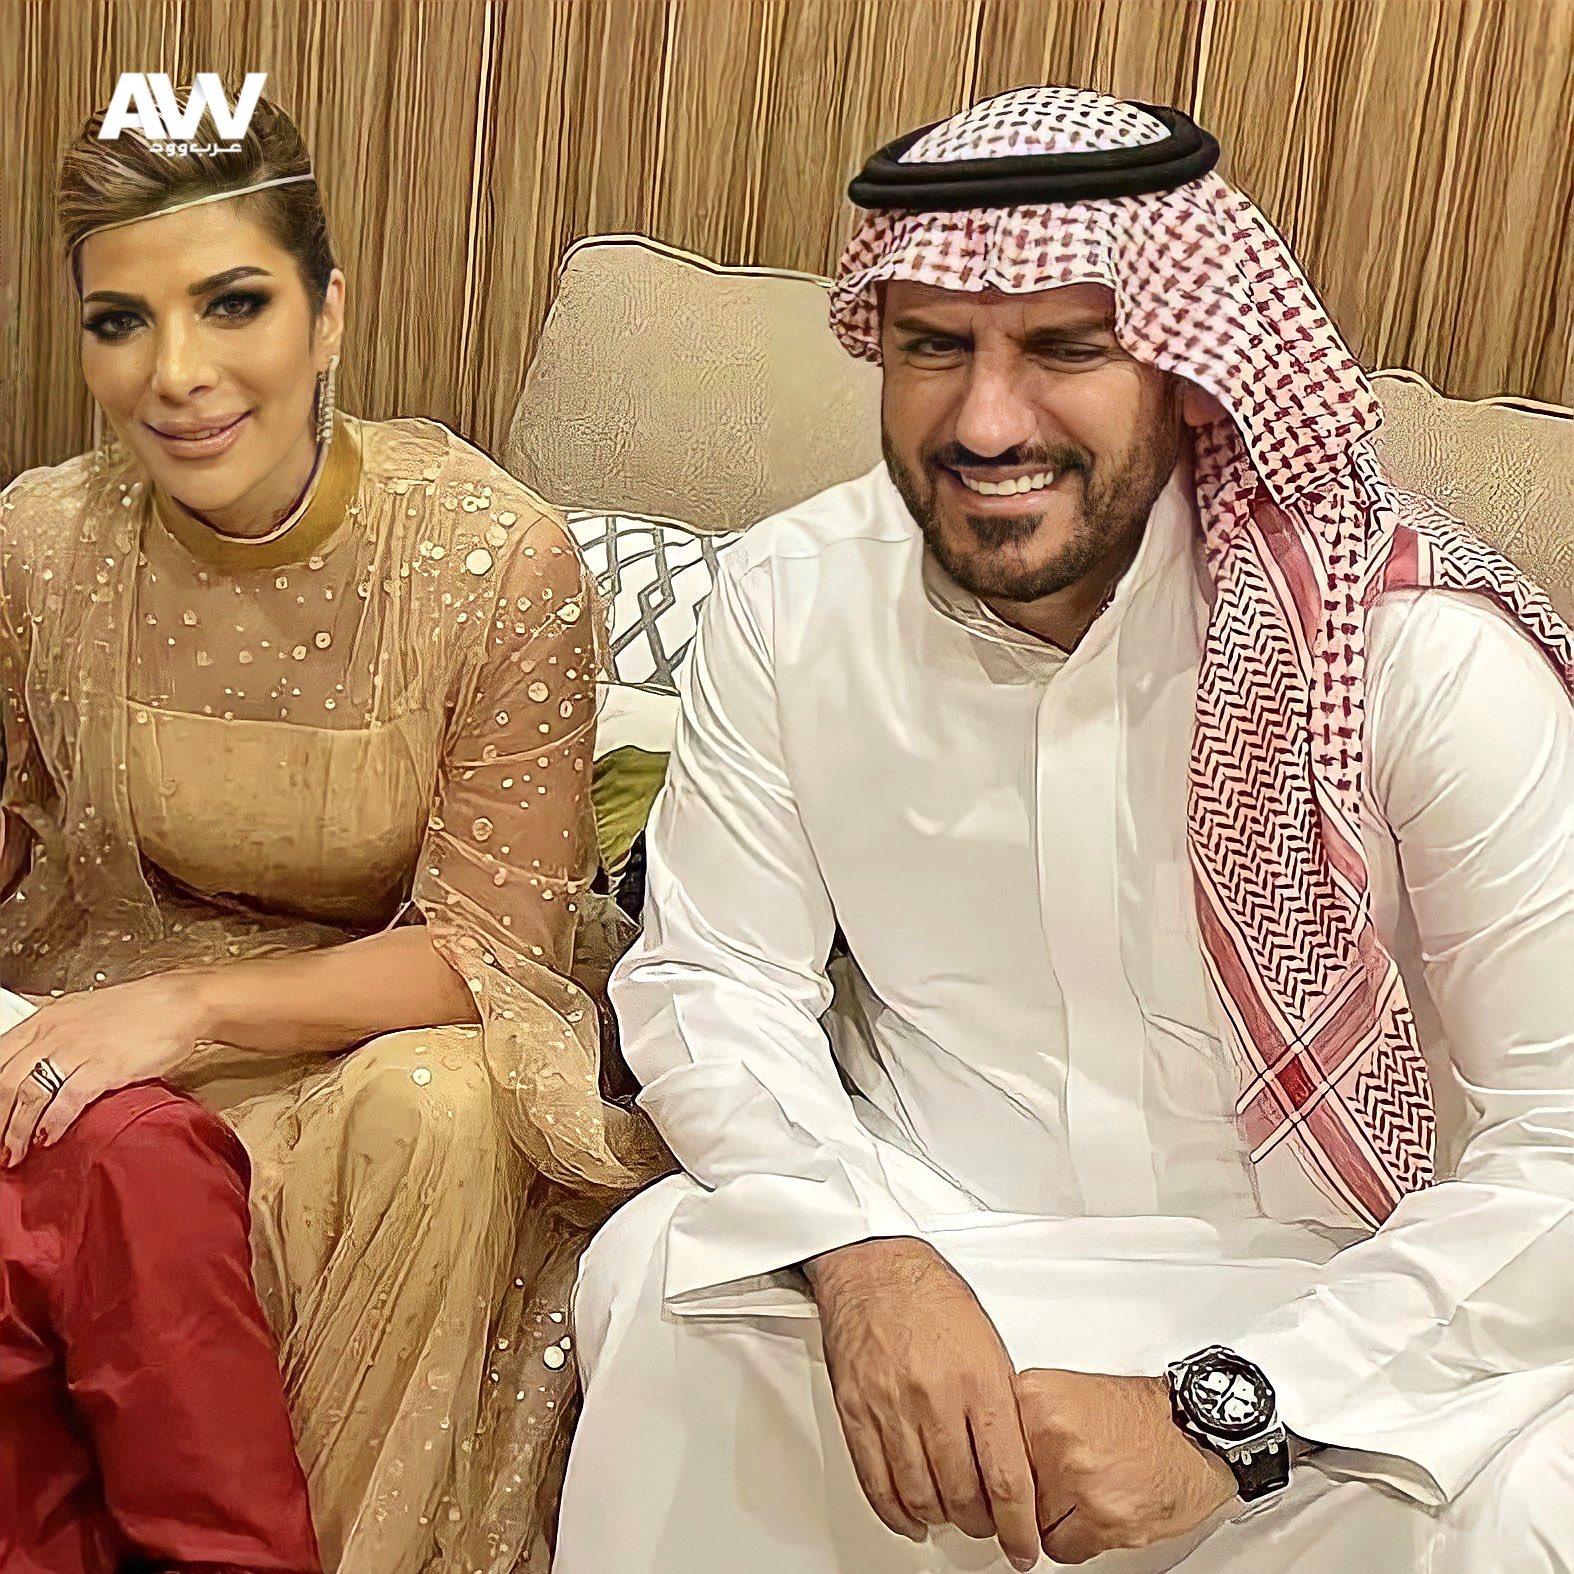 أصالة مع زوجها الجديد فائق حسن بعد عقد قرانهما